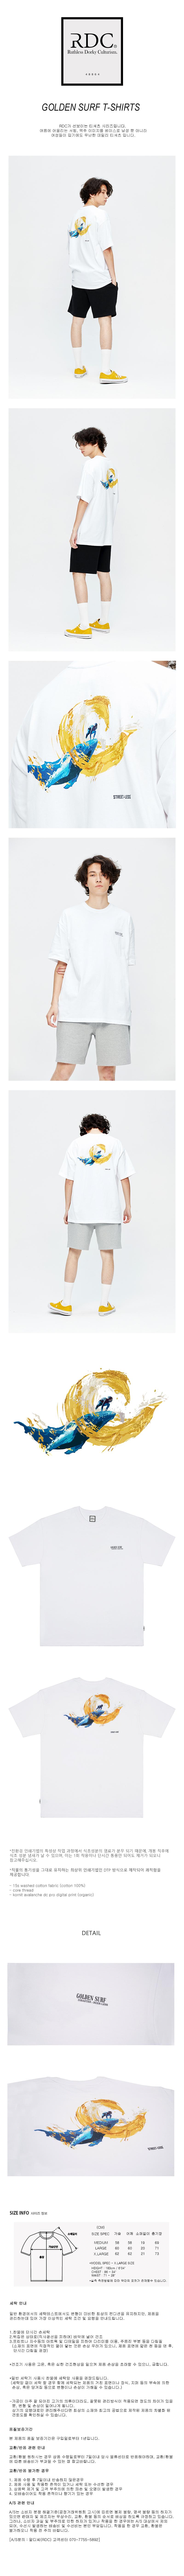 GOLDEN SURF T-SHIRTS.jpg